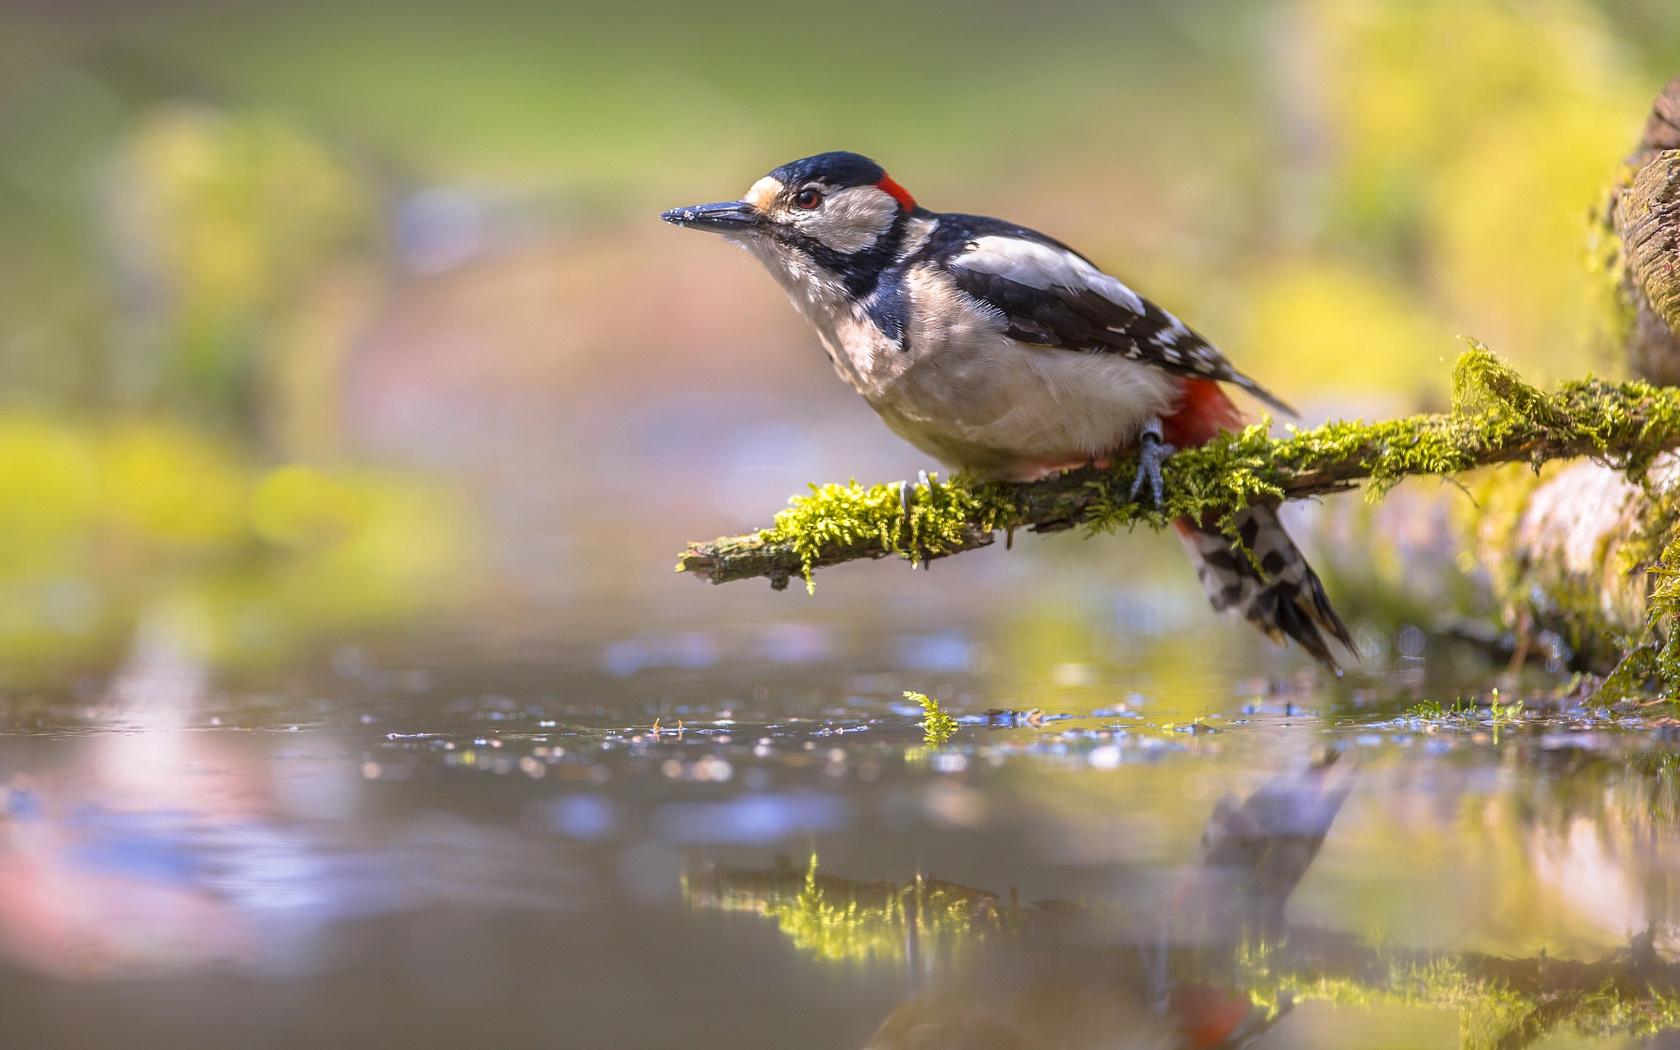 птицы мира, птица, дятел, ветка, мох, вода, водоём, боке